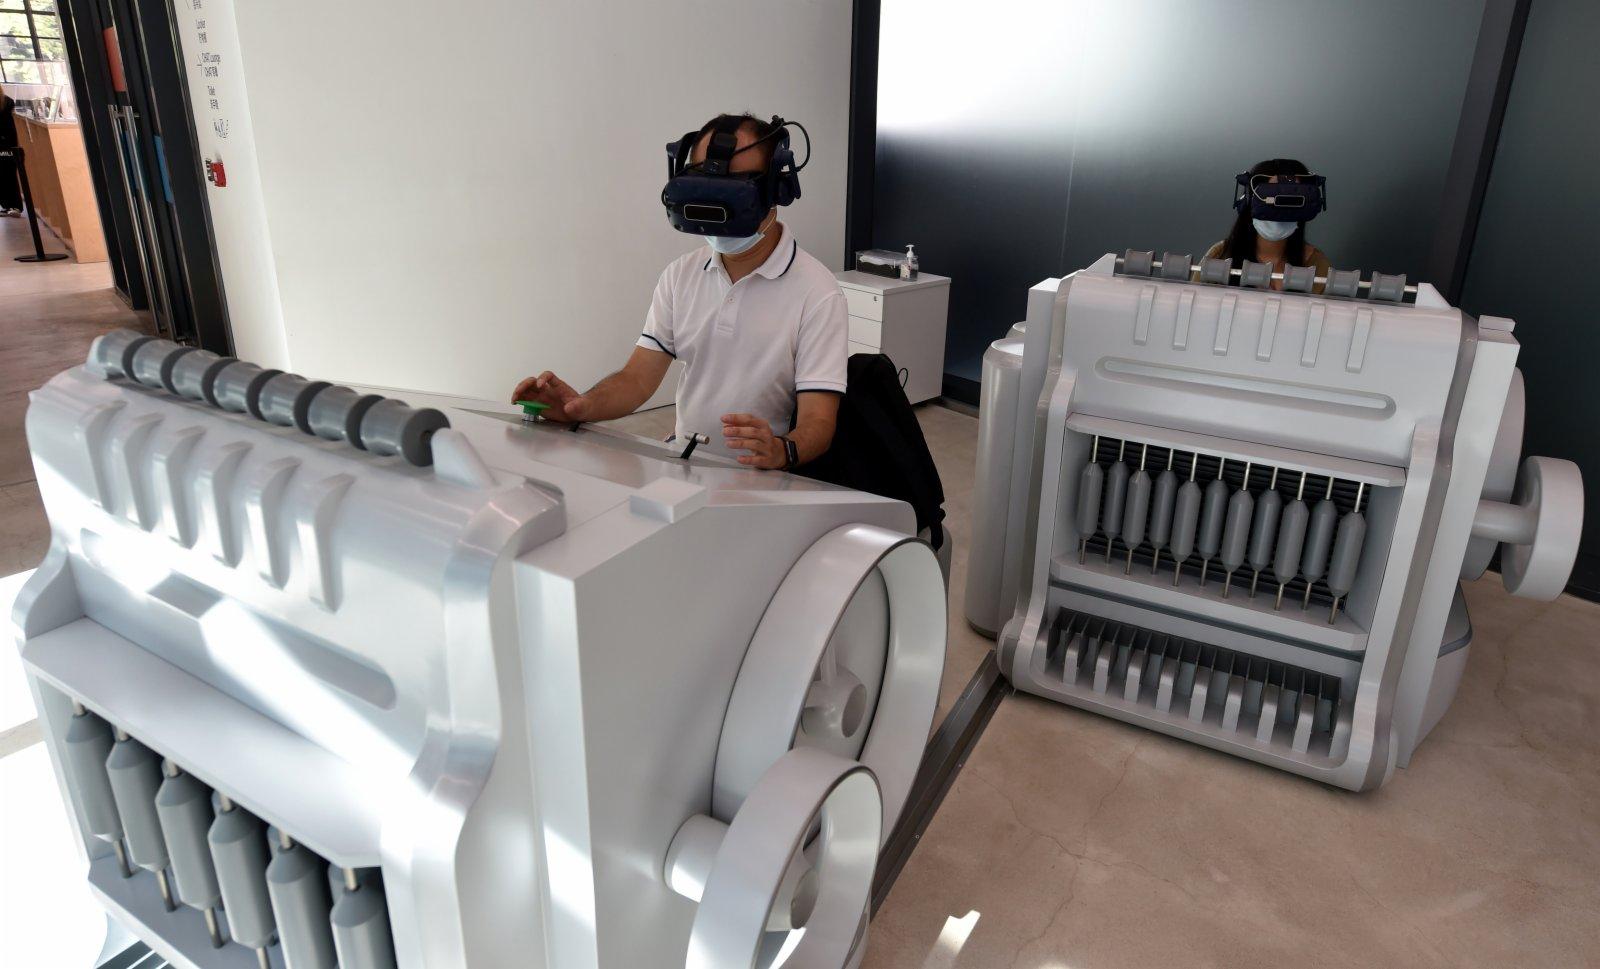 9月4日,市民在香港南豐紗廠體驗虛擬紡織。(新華社)